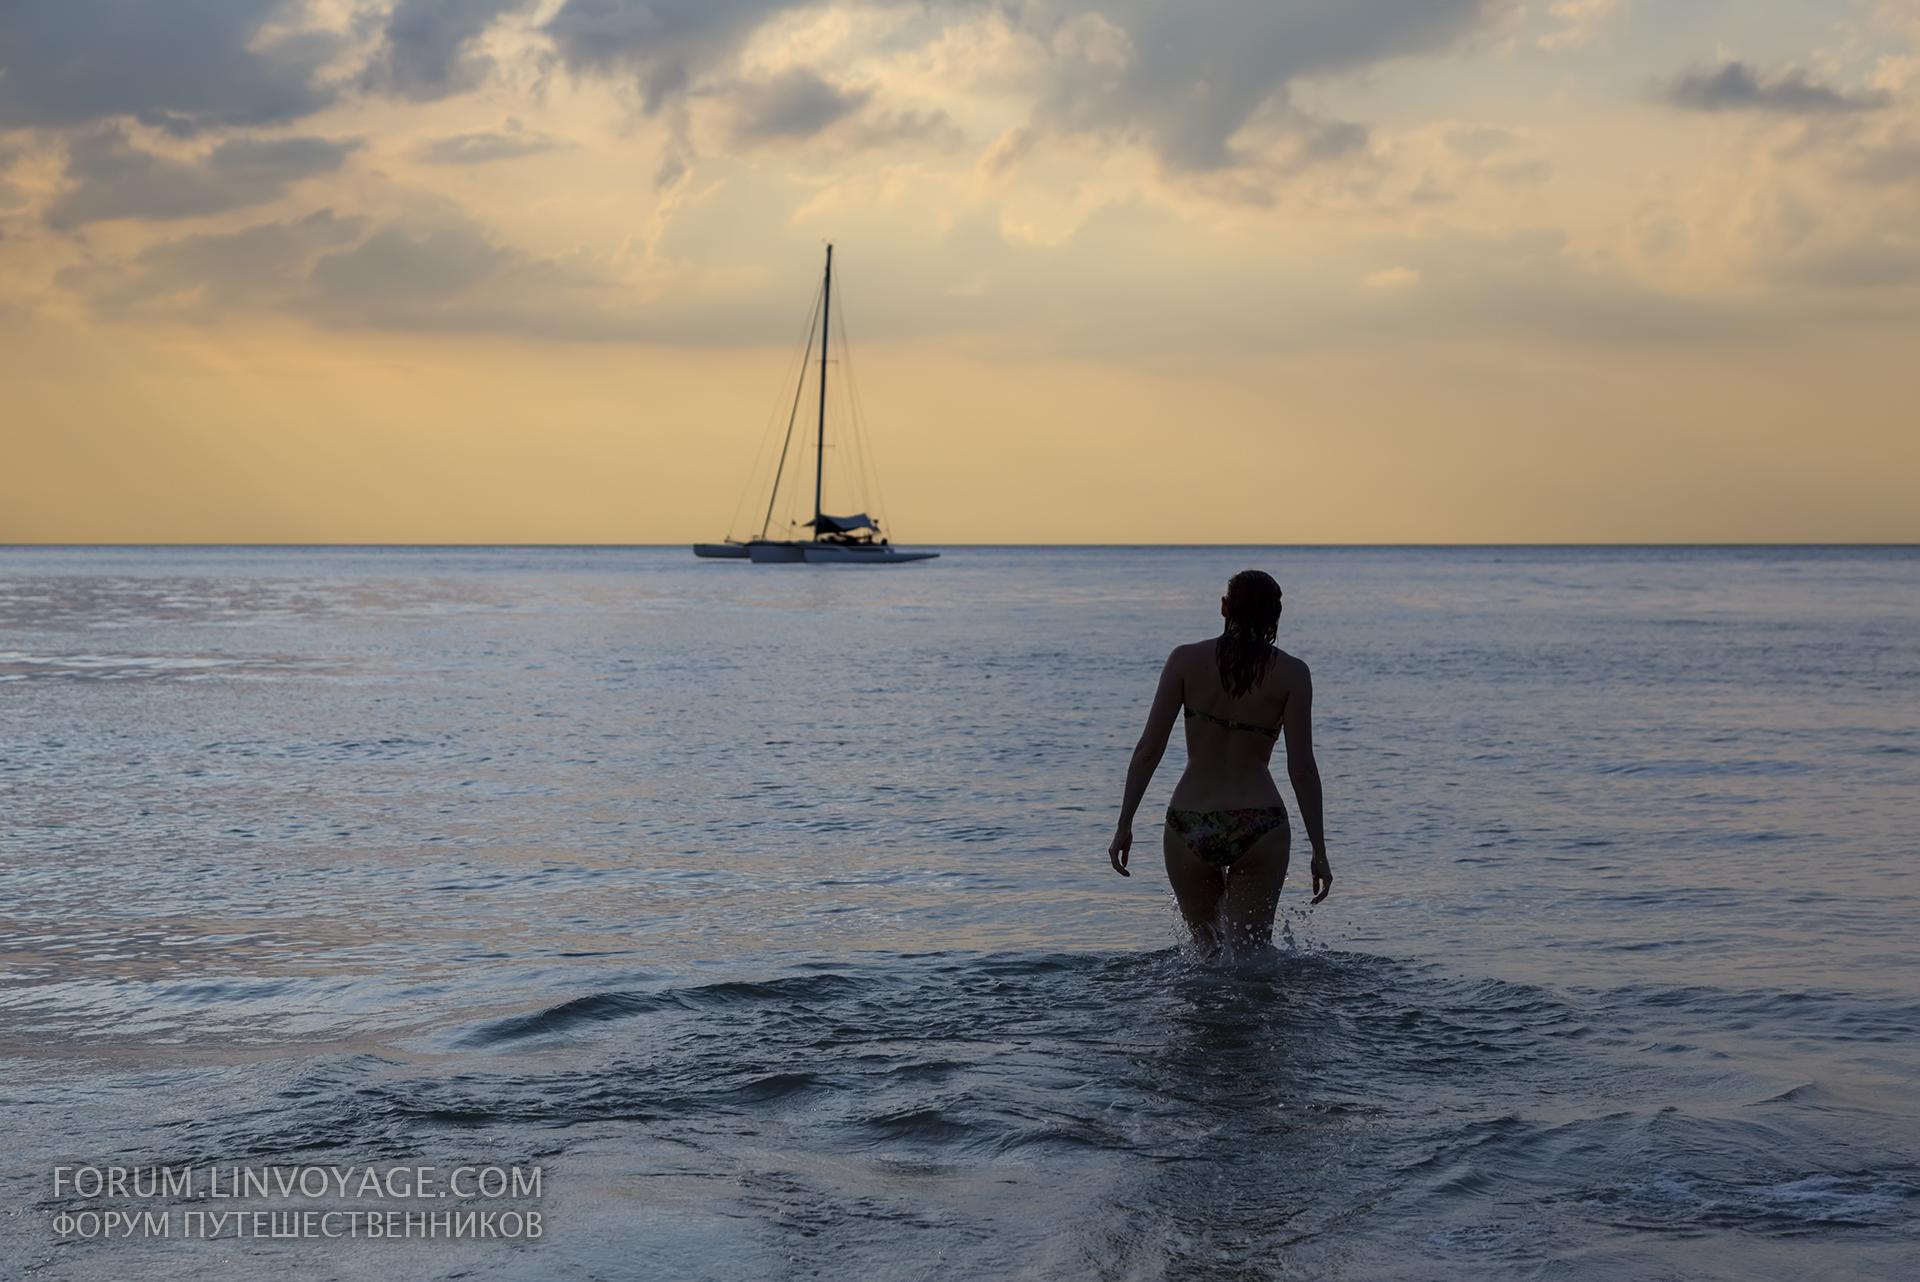 デスクトップ壁紙 ボート 女性 日没 海岸 砂 車両 シルエット 雲 ビーチ 日の出 太陽 地平線 ハッピー ヨット 幸福 タイ カタマラン かなり 可愛い 屋外 女の子 海洋 楽しい セクシー プーケット スリム カマラ パトン お祝い 水域